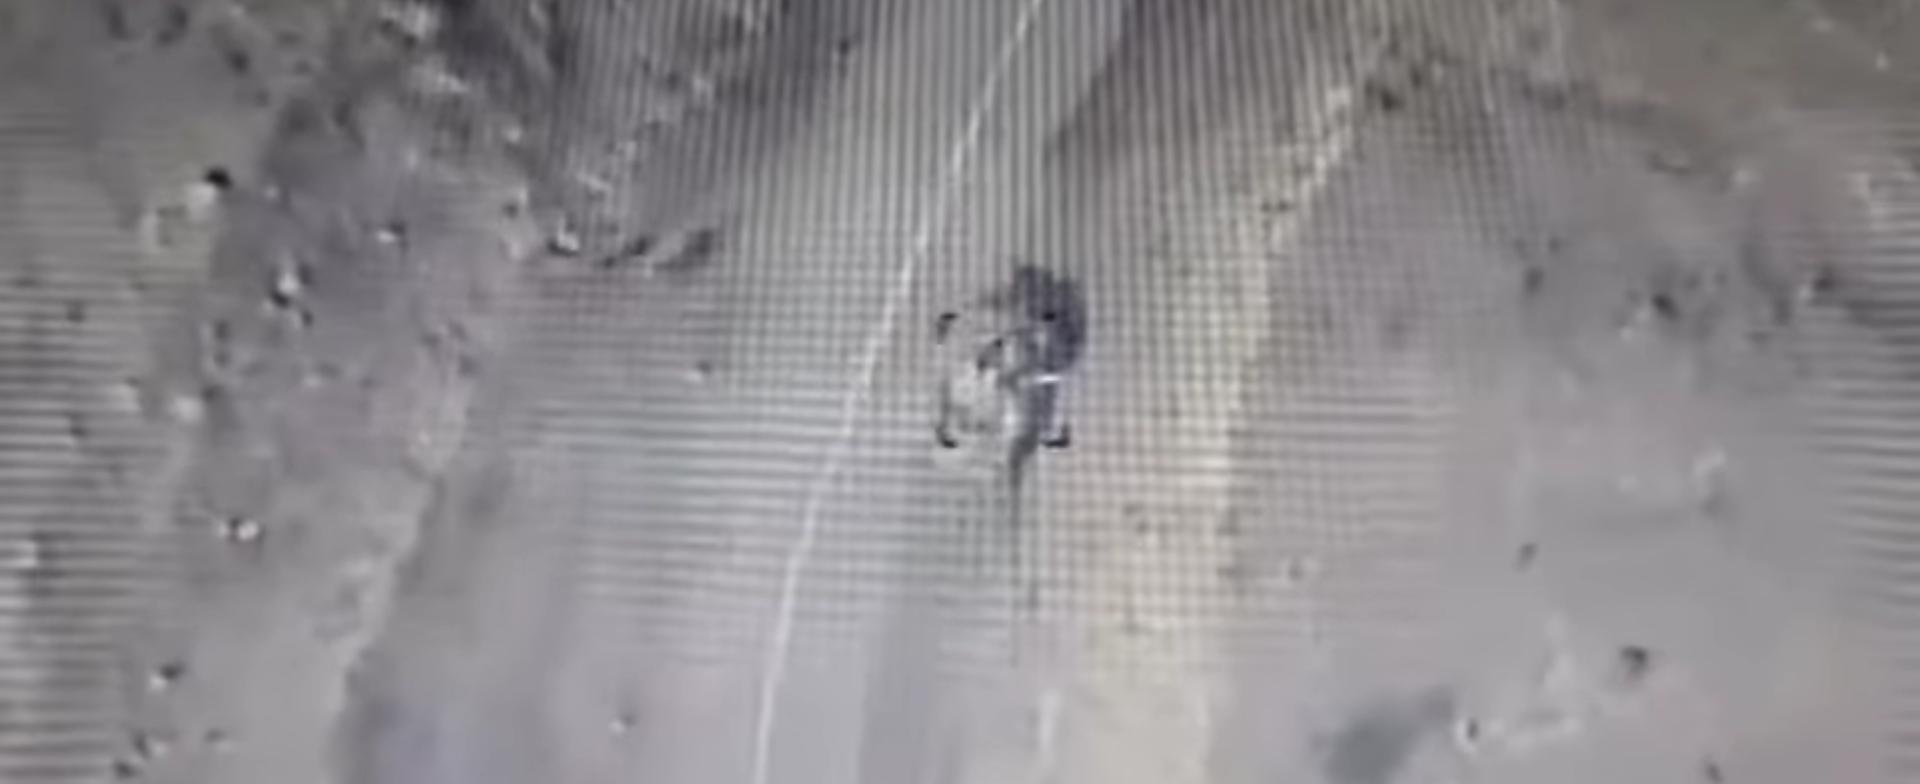 Битва за Шуши: БПЛА Азербайджана громят технику и солдат Армении, кадры